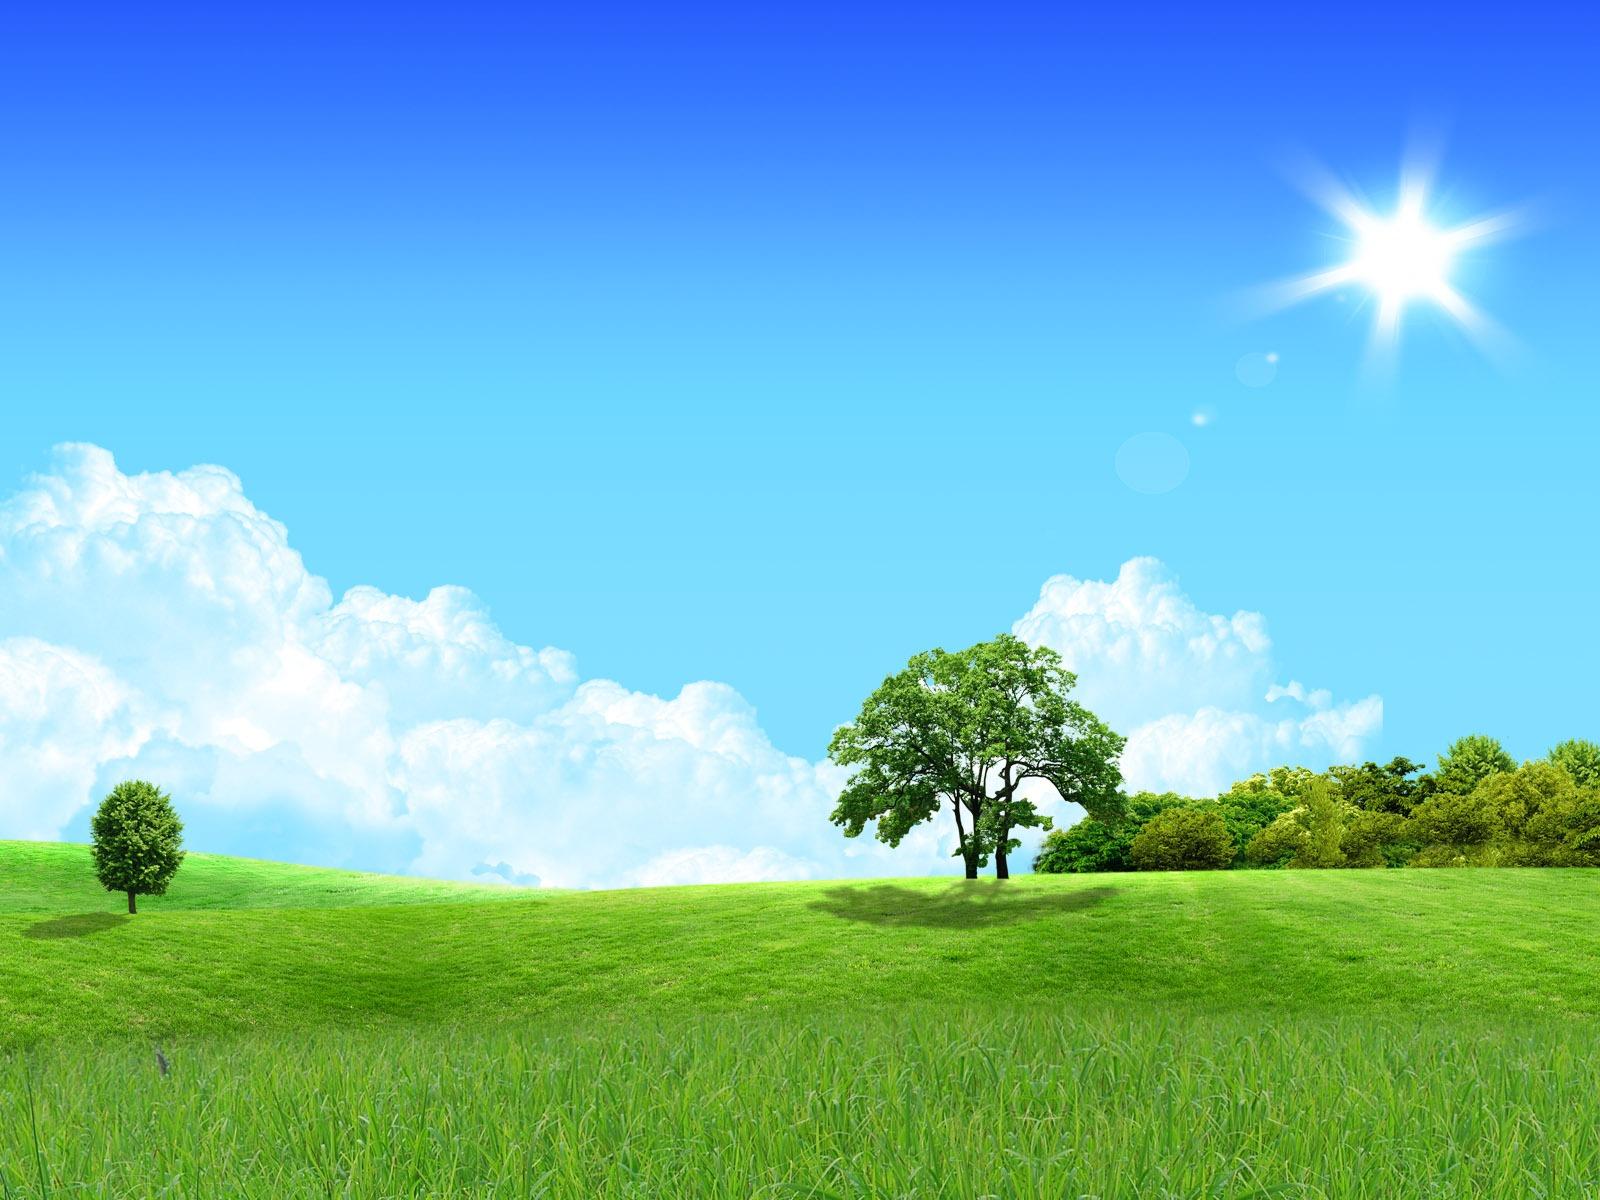 Photoshop fondos de escritorio de paisaje soleado de verano 1 17 1600x1200 fondos de - Fondos de escritorio verano ...